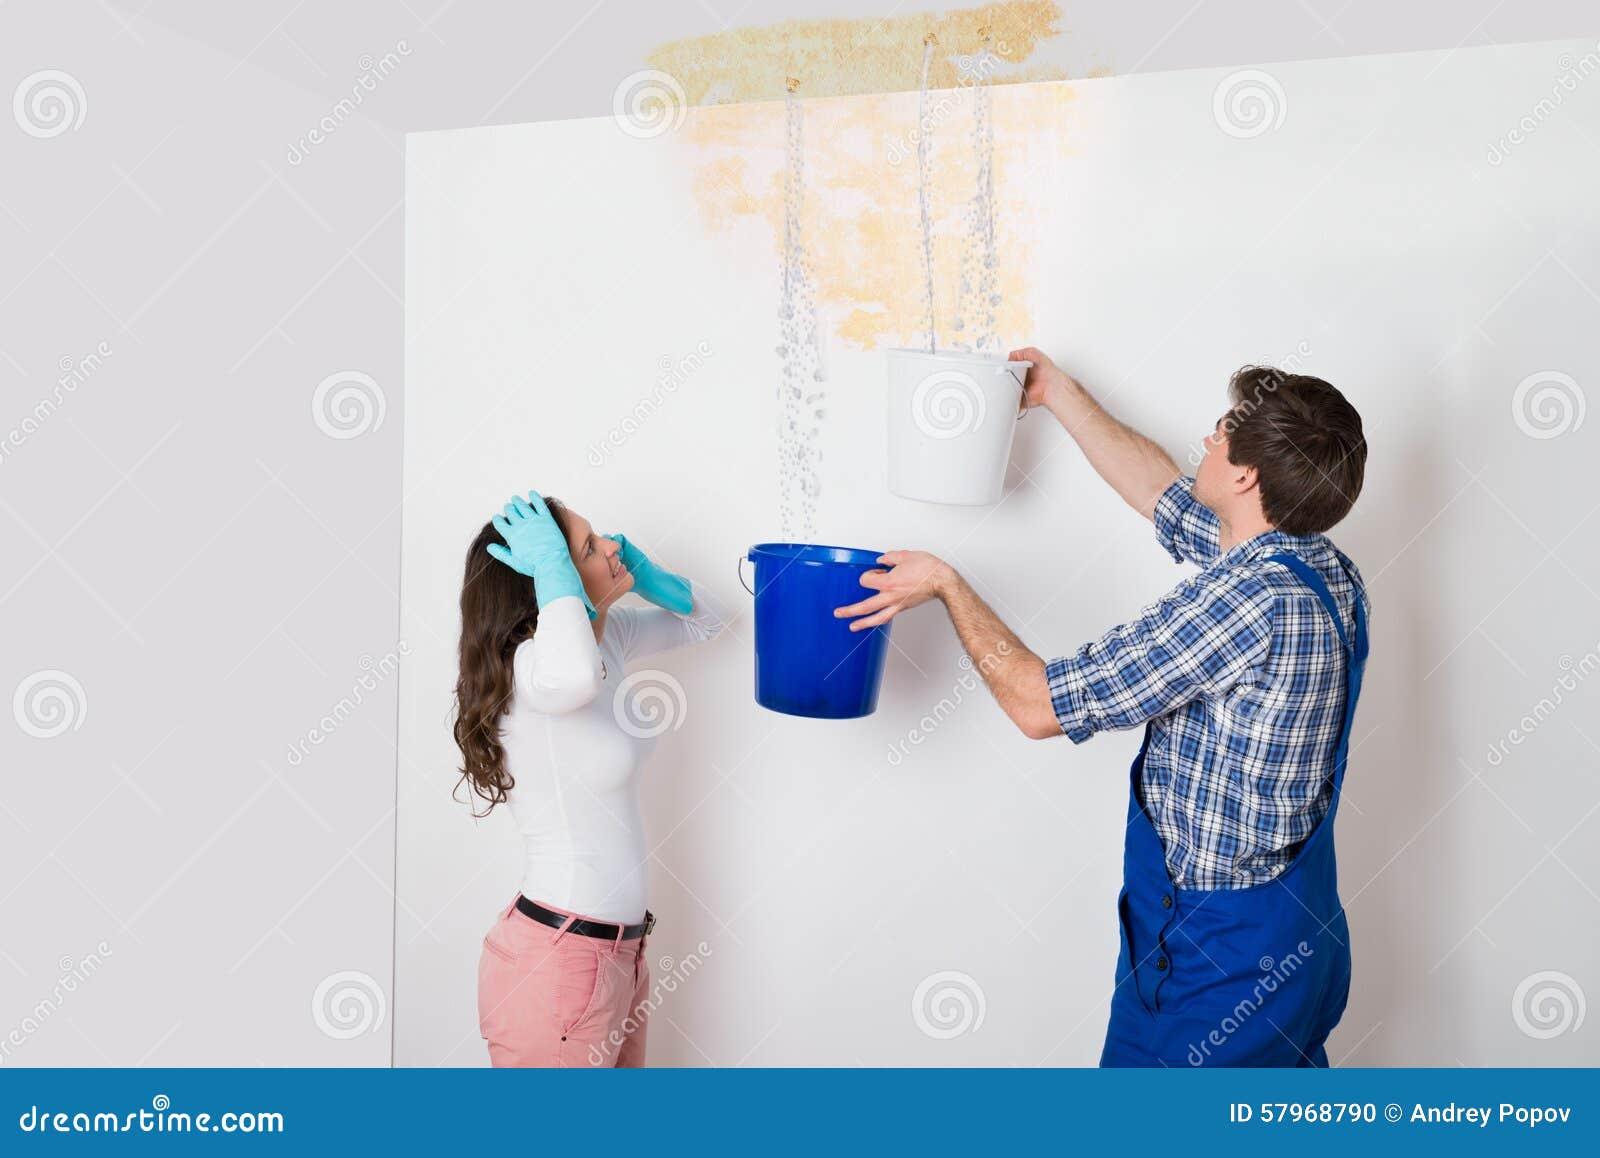 frau mit der arbeitskraft die wasser von der decke im eimer sammelt stockfoto bild von. Black Bedroom Furniture Sets. Home Design Ideas